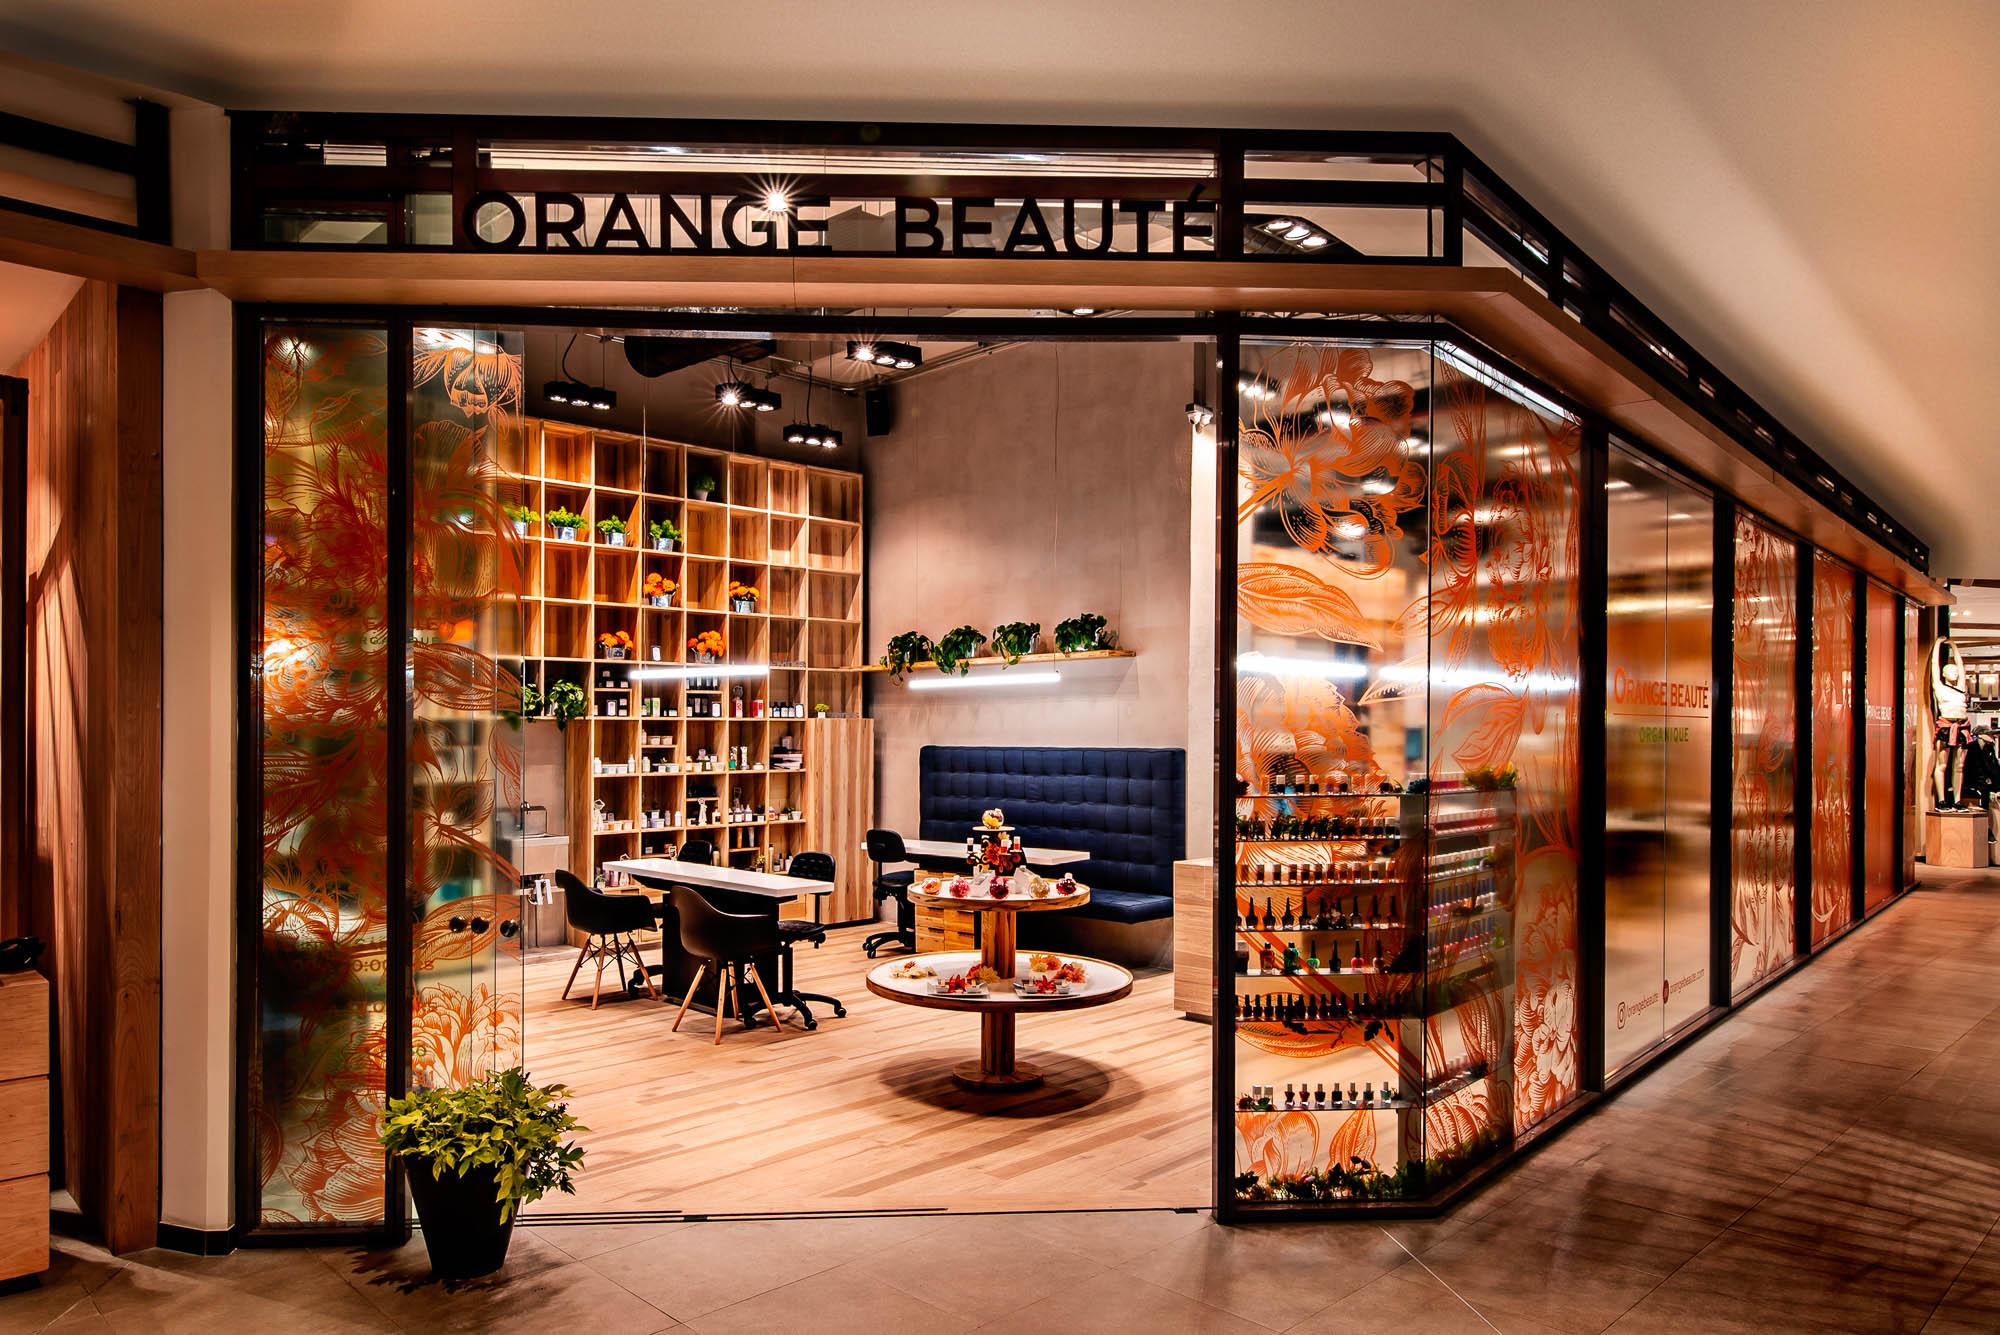 Orange Beauté Organique